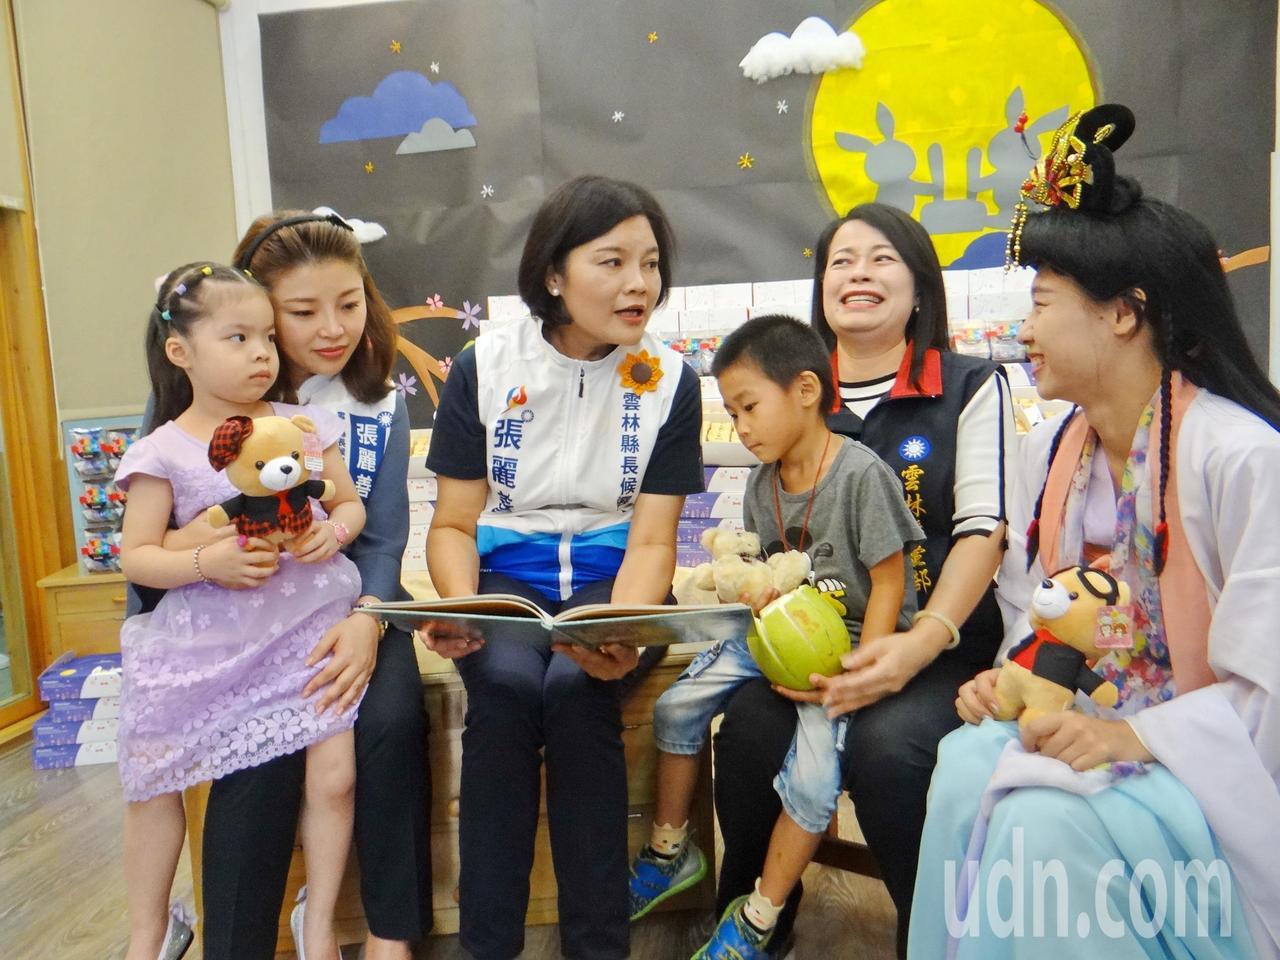 張麗善不僅送愛心月餅,還為小朋友說嫦娥奔月吃月餅的故事,連嫦娥都聽得笑呵呵。記者...